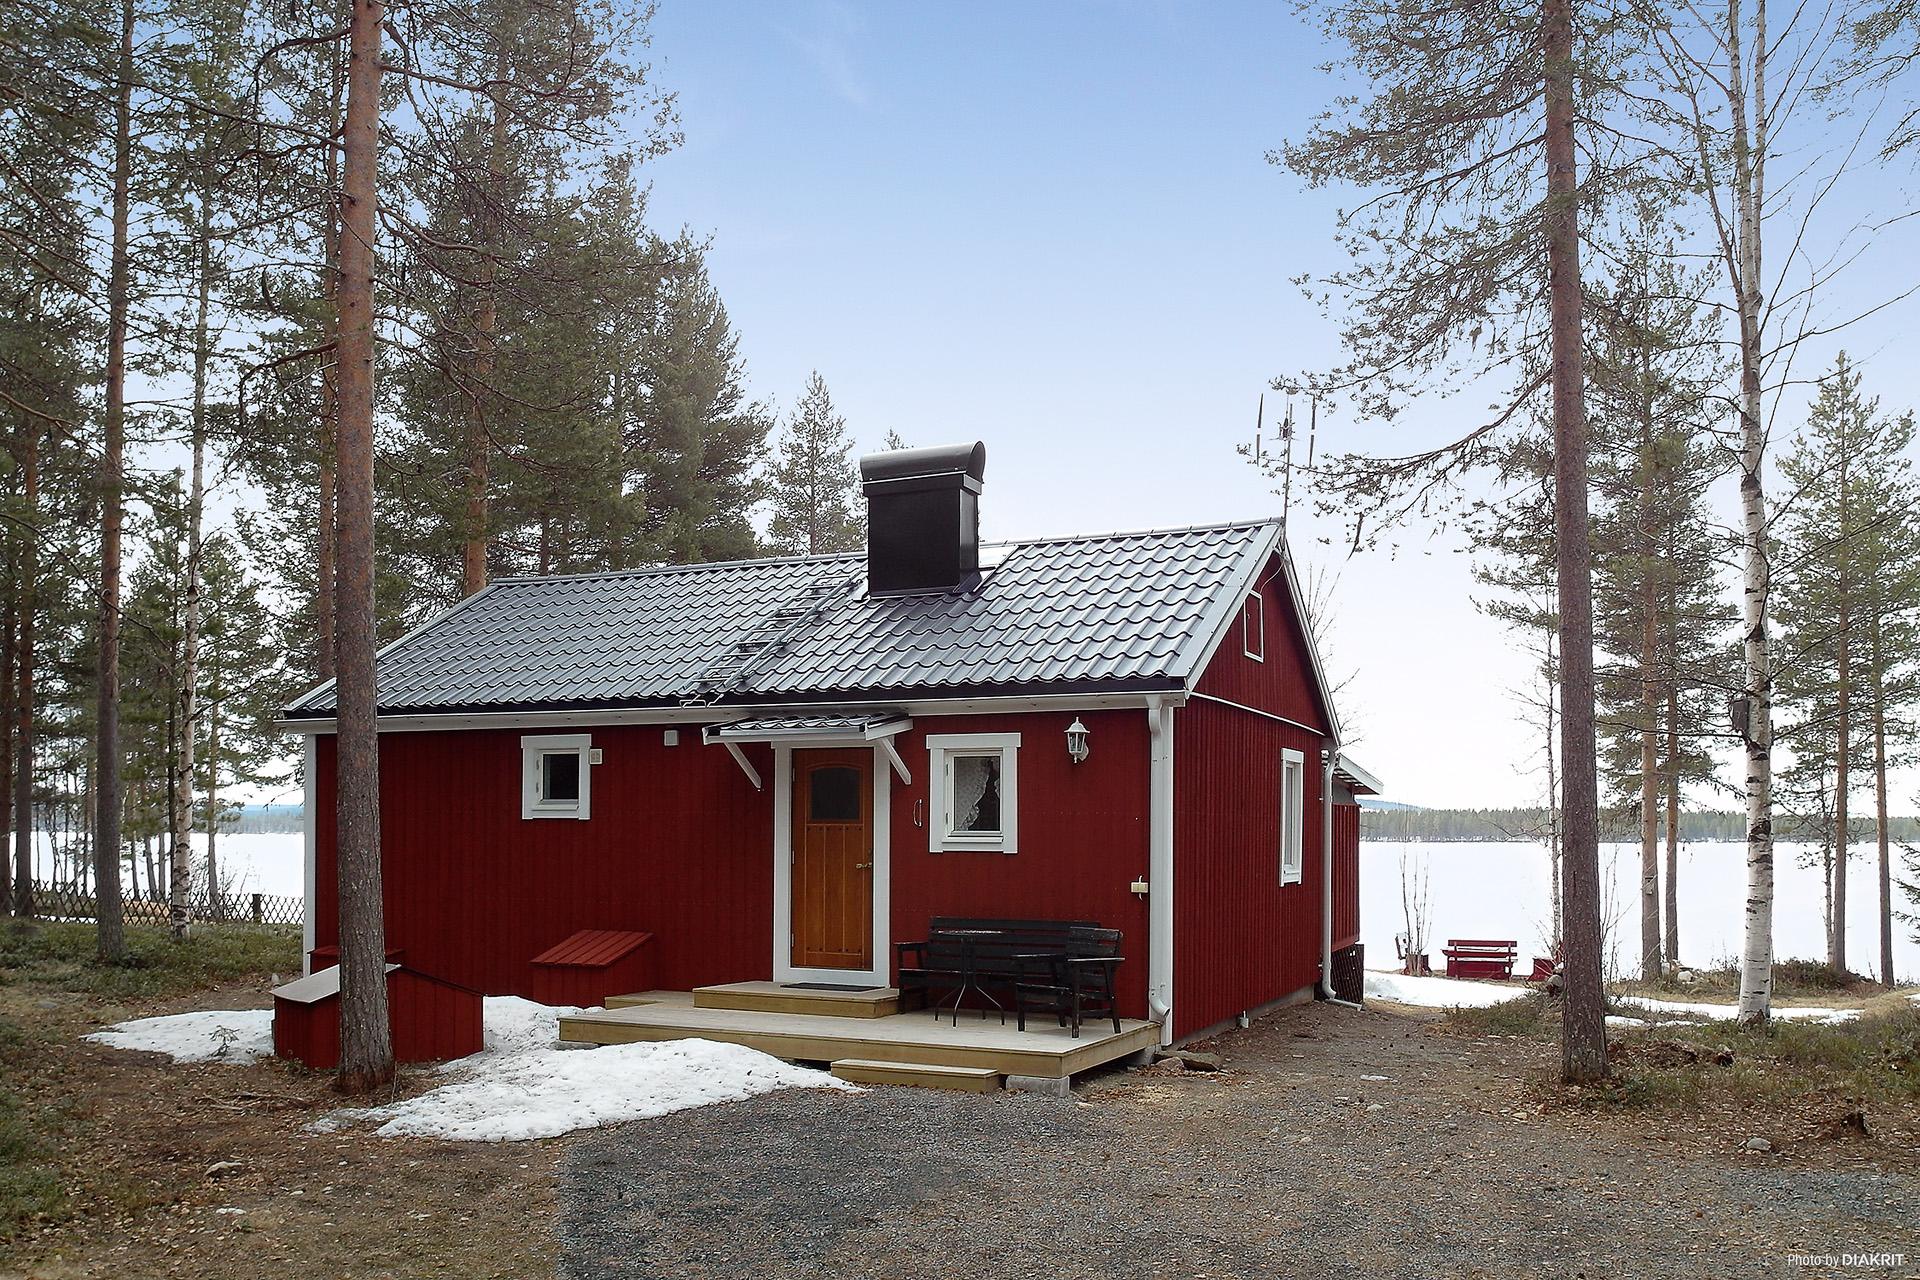 Fritidshus med fint läge vid sjön!